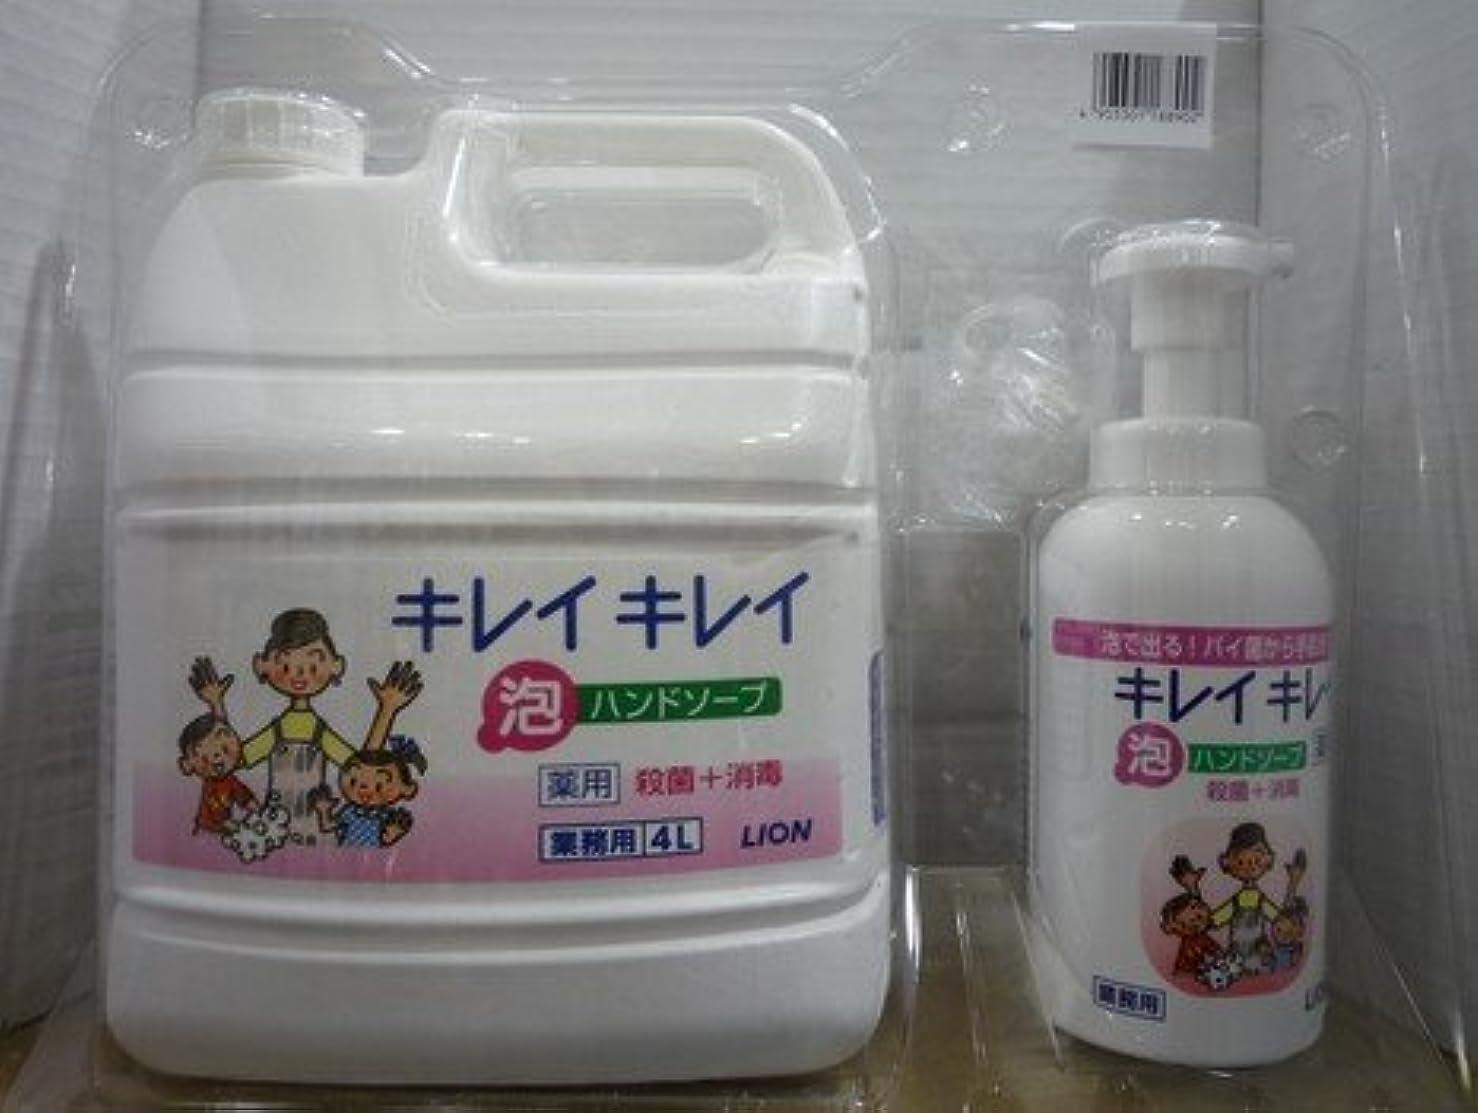 系譜強制祝福するキレイキレイ 薬用泡ハンドソープ 業務用 4L+キレイキレイ 薬用泡ハンドソープボトル550ml